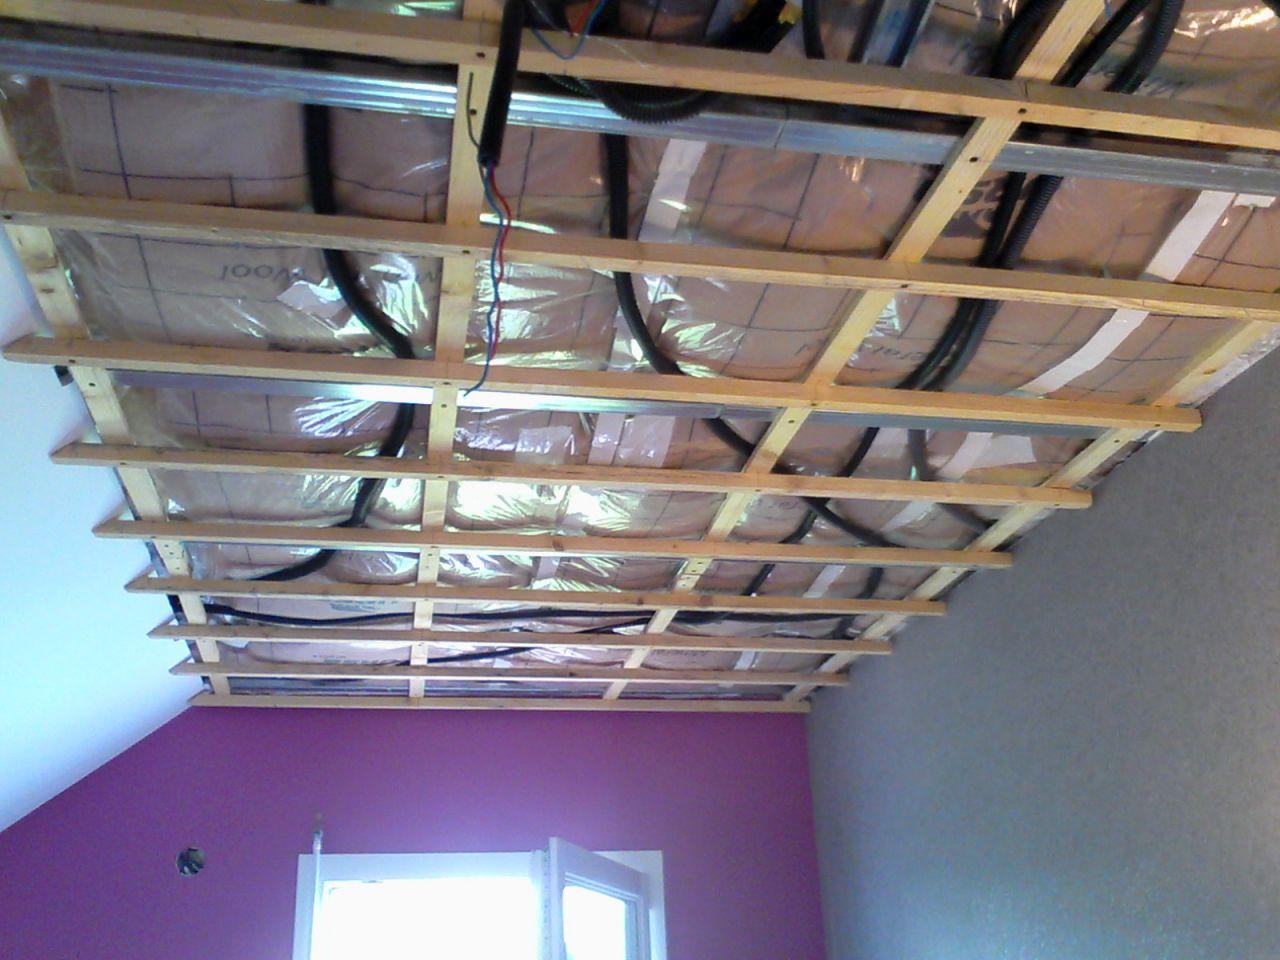 Poser Du Lambris Dans Les Combles intérieur pose d'un lambris au plafond (ossature métallique) - 28 messages